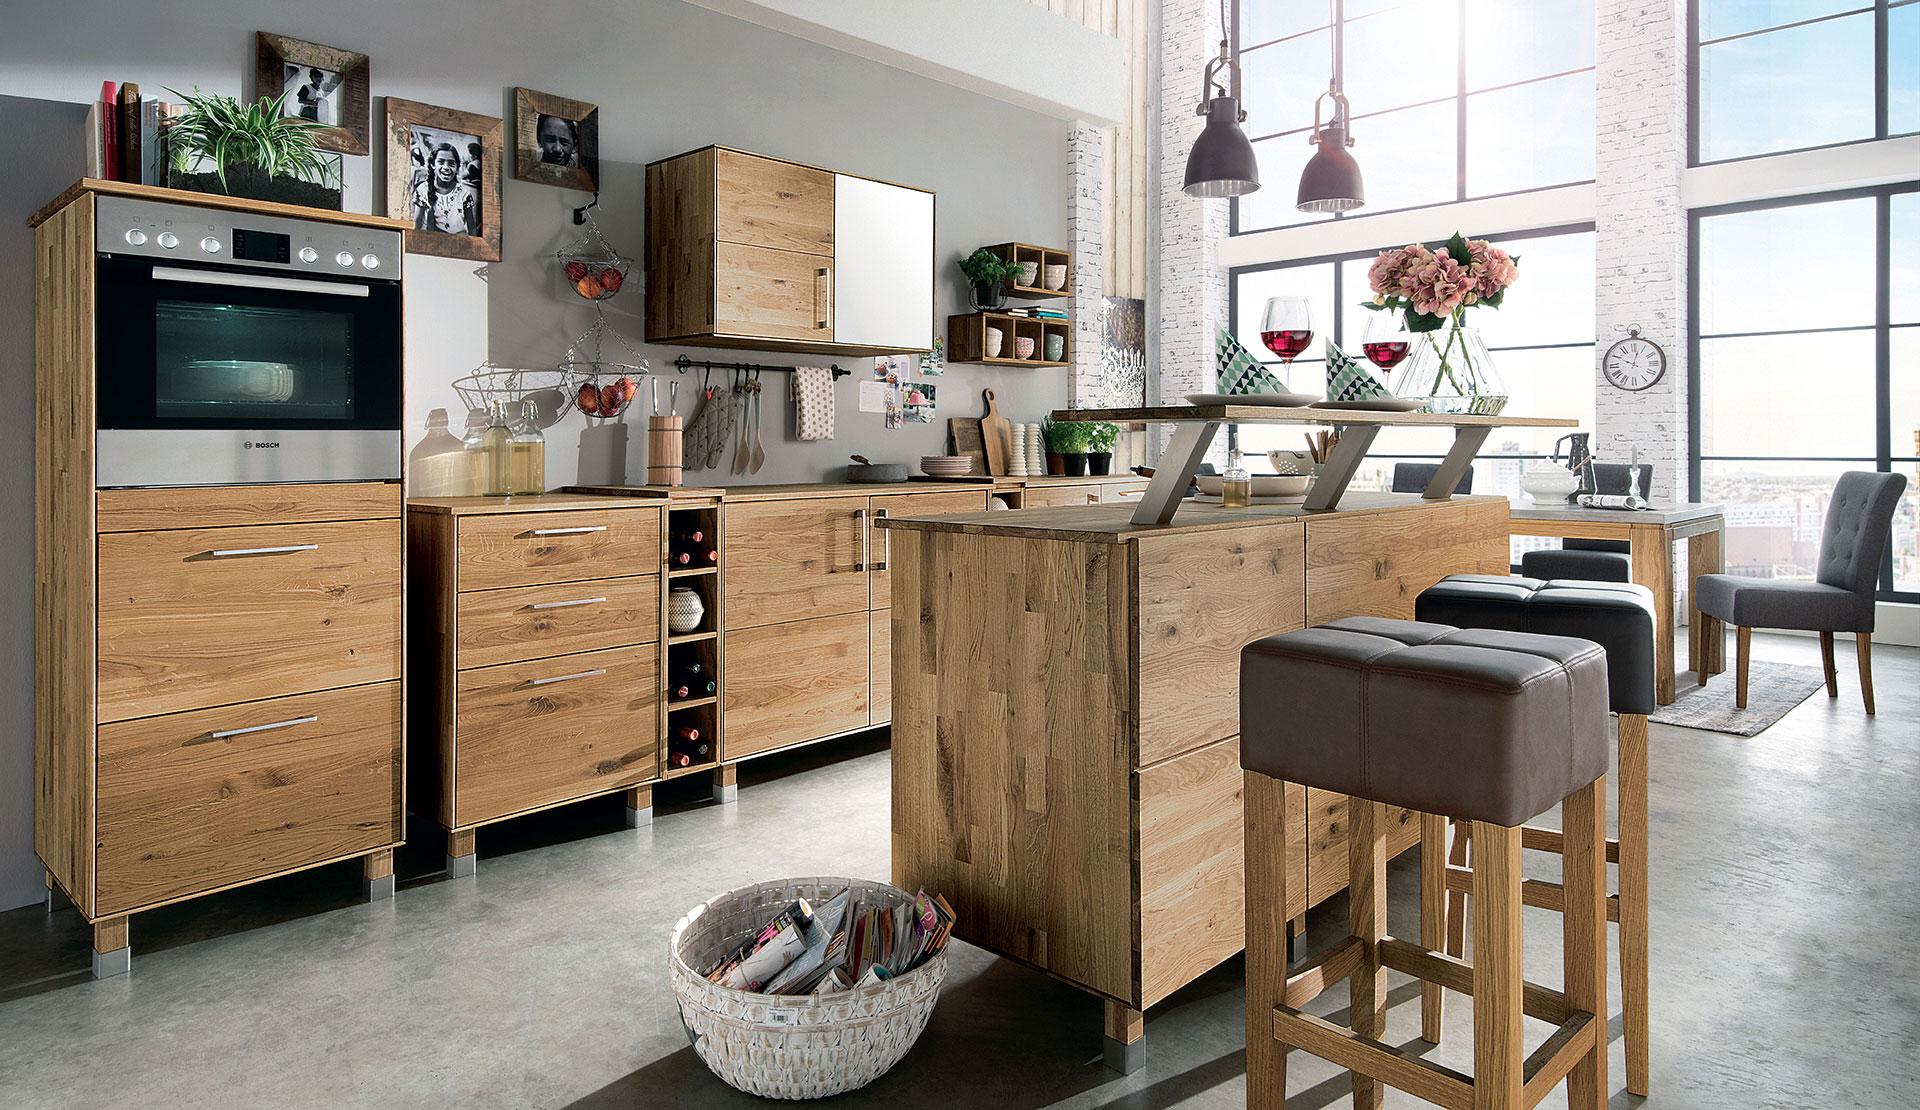 Full Size of Cocoon Modulküche Modulkche Codortmund Edelstahl Kche Holz Ikea Wohnzimmer Cocoon Modulküche